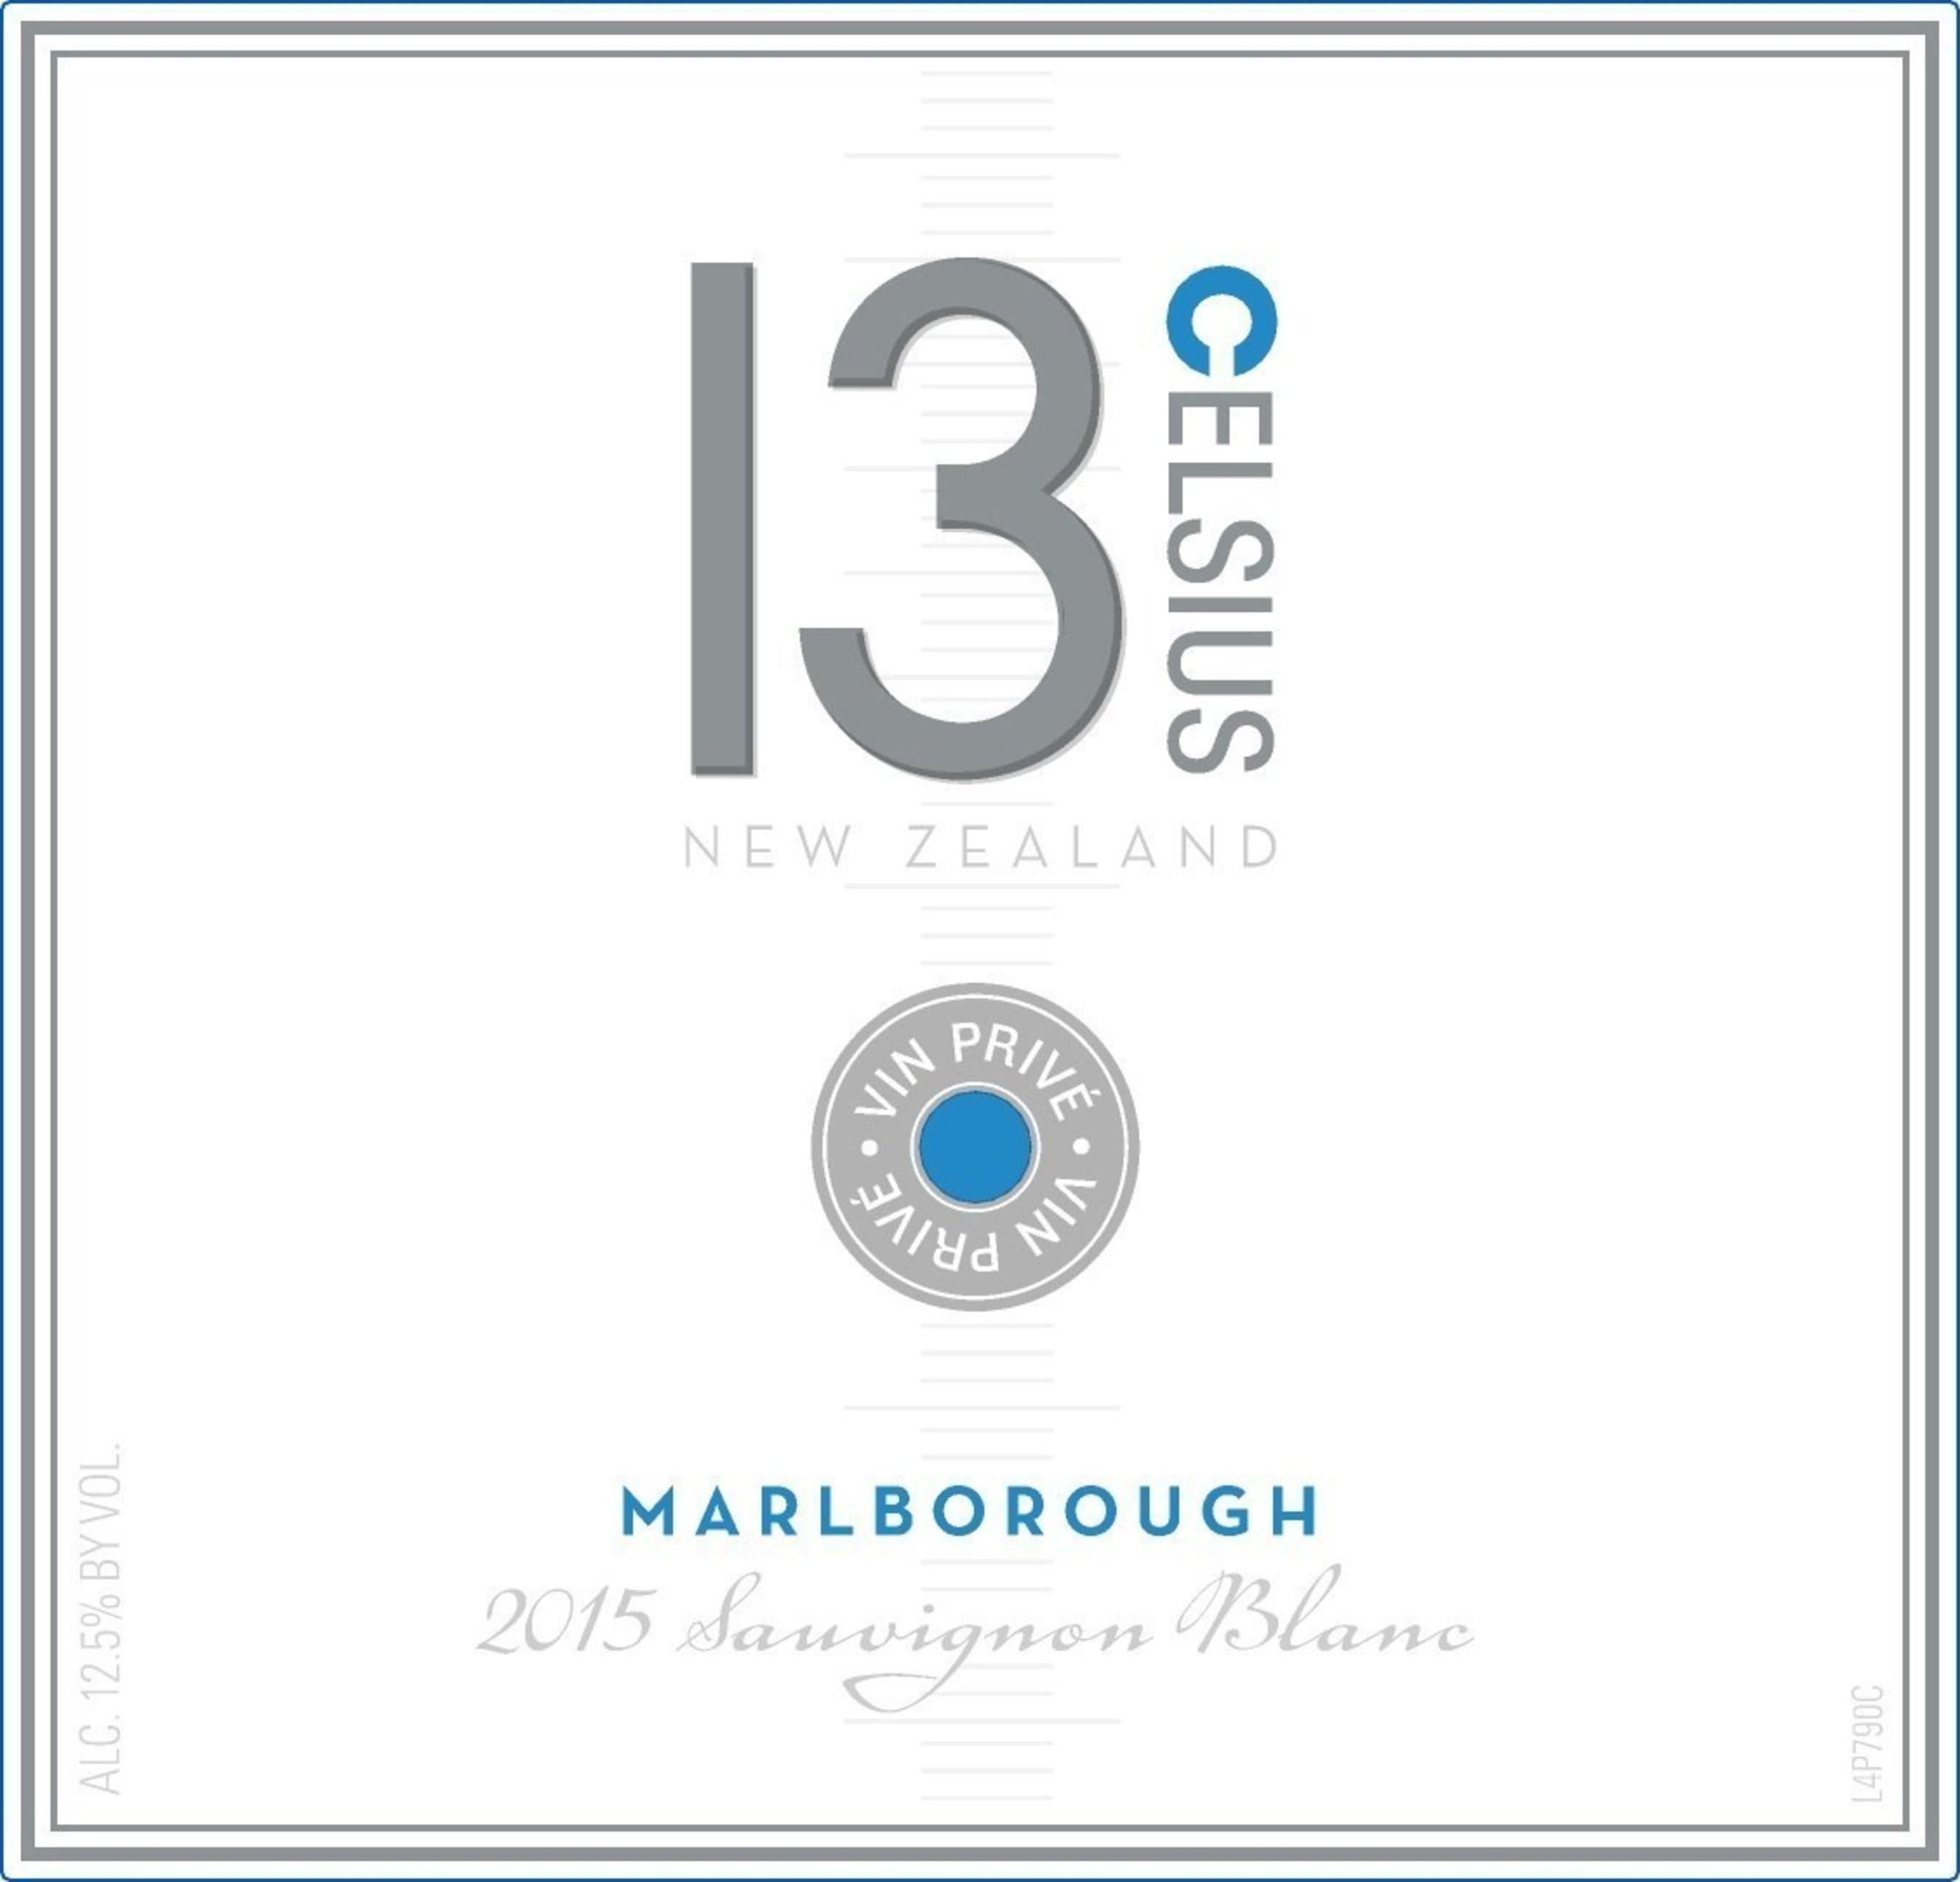 13 Celsius® New Zealand Sauvignon Blanc Announces National Launch